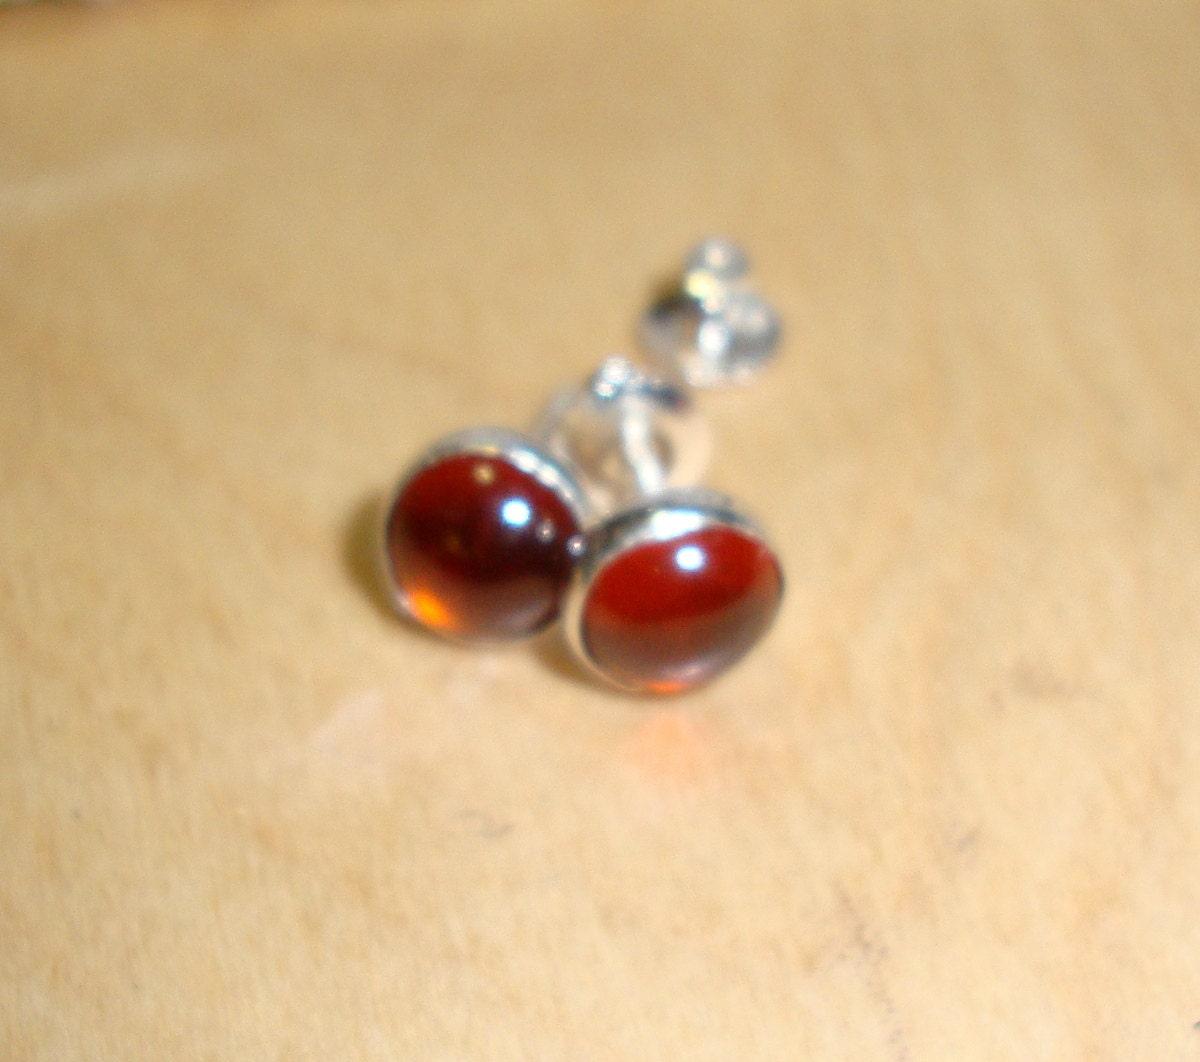 Cinnamon Hessonite Garnet Earrings Threaded screw-on posts